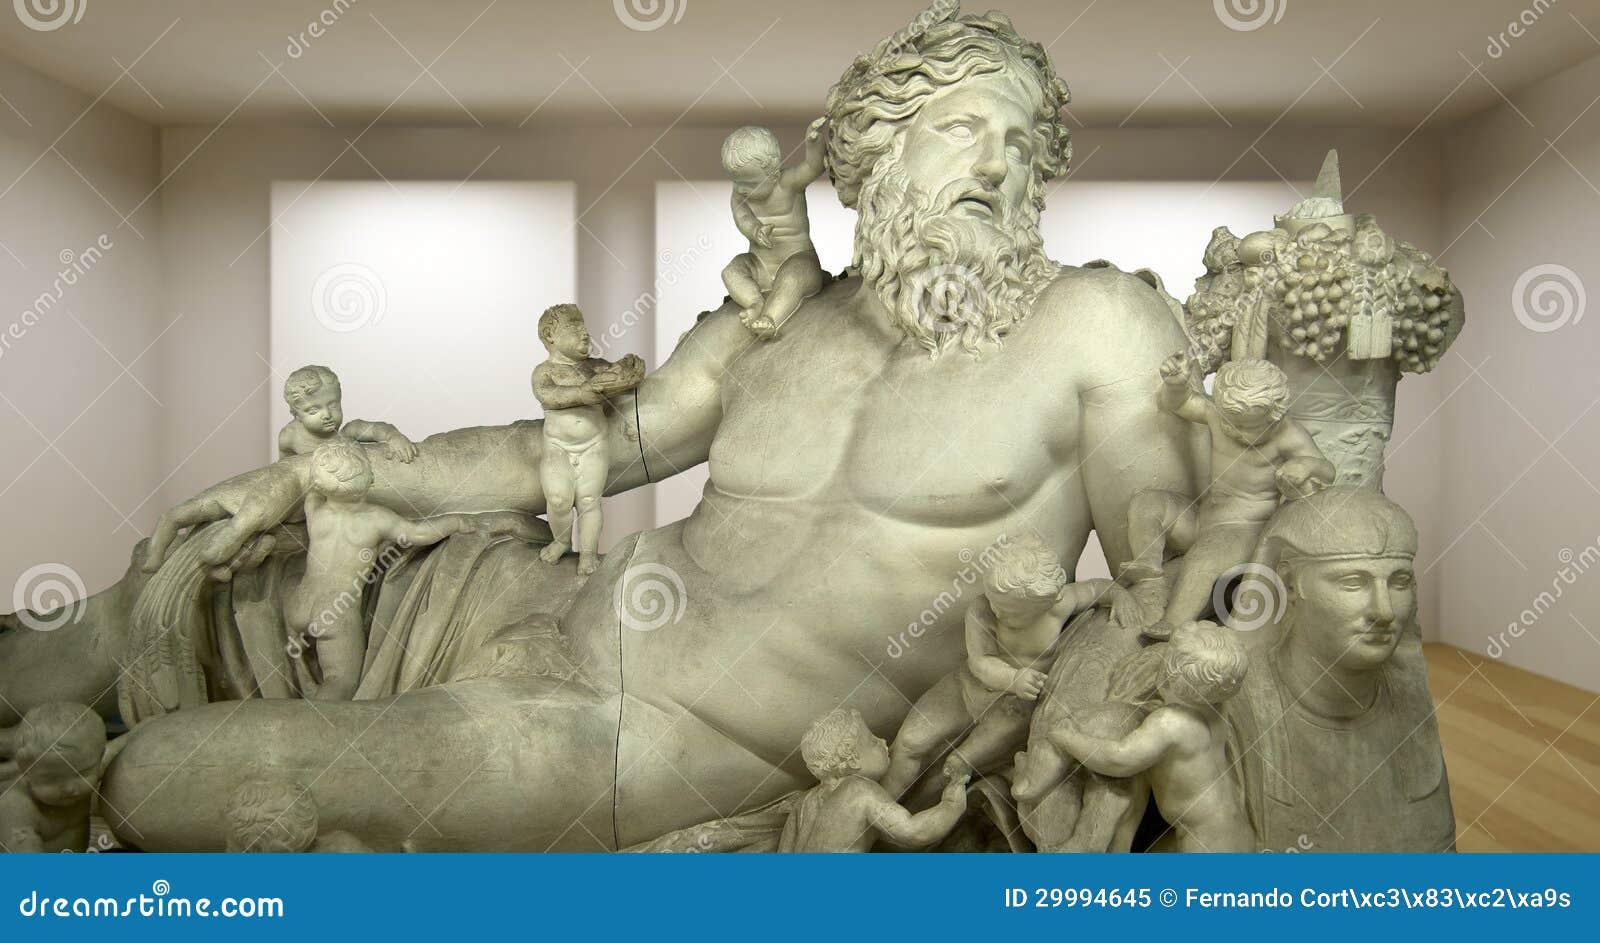 Zeus, Lege galerij, 3d ruimte met Griekse sculture, Oud Standbeeld